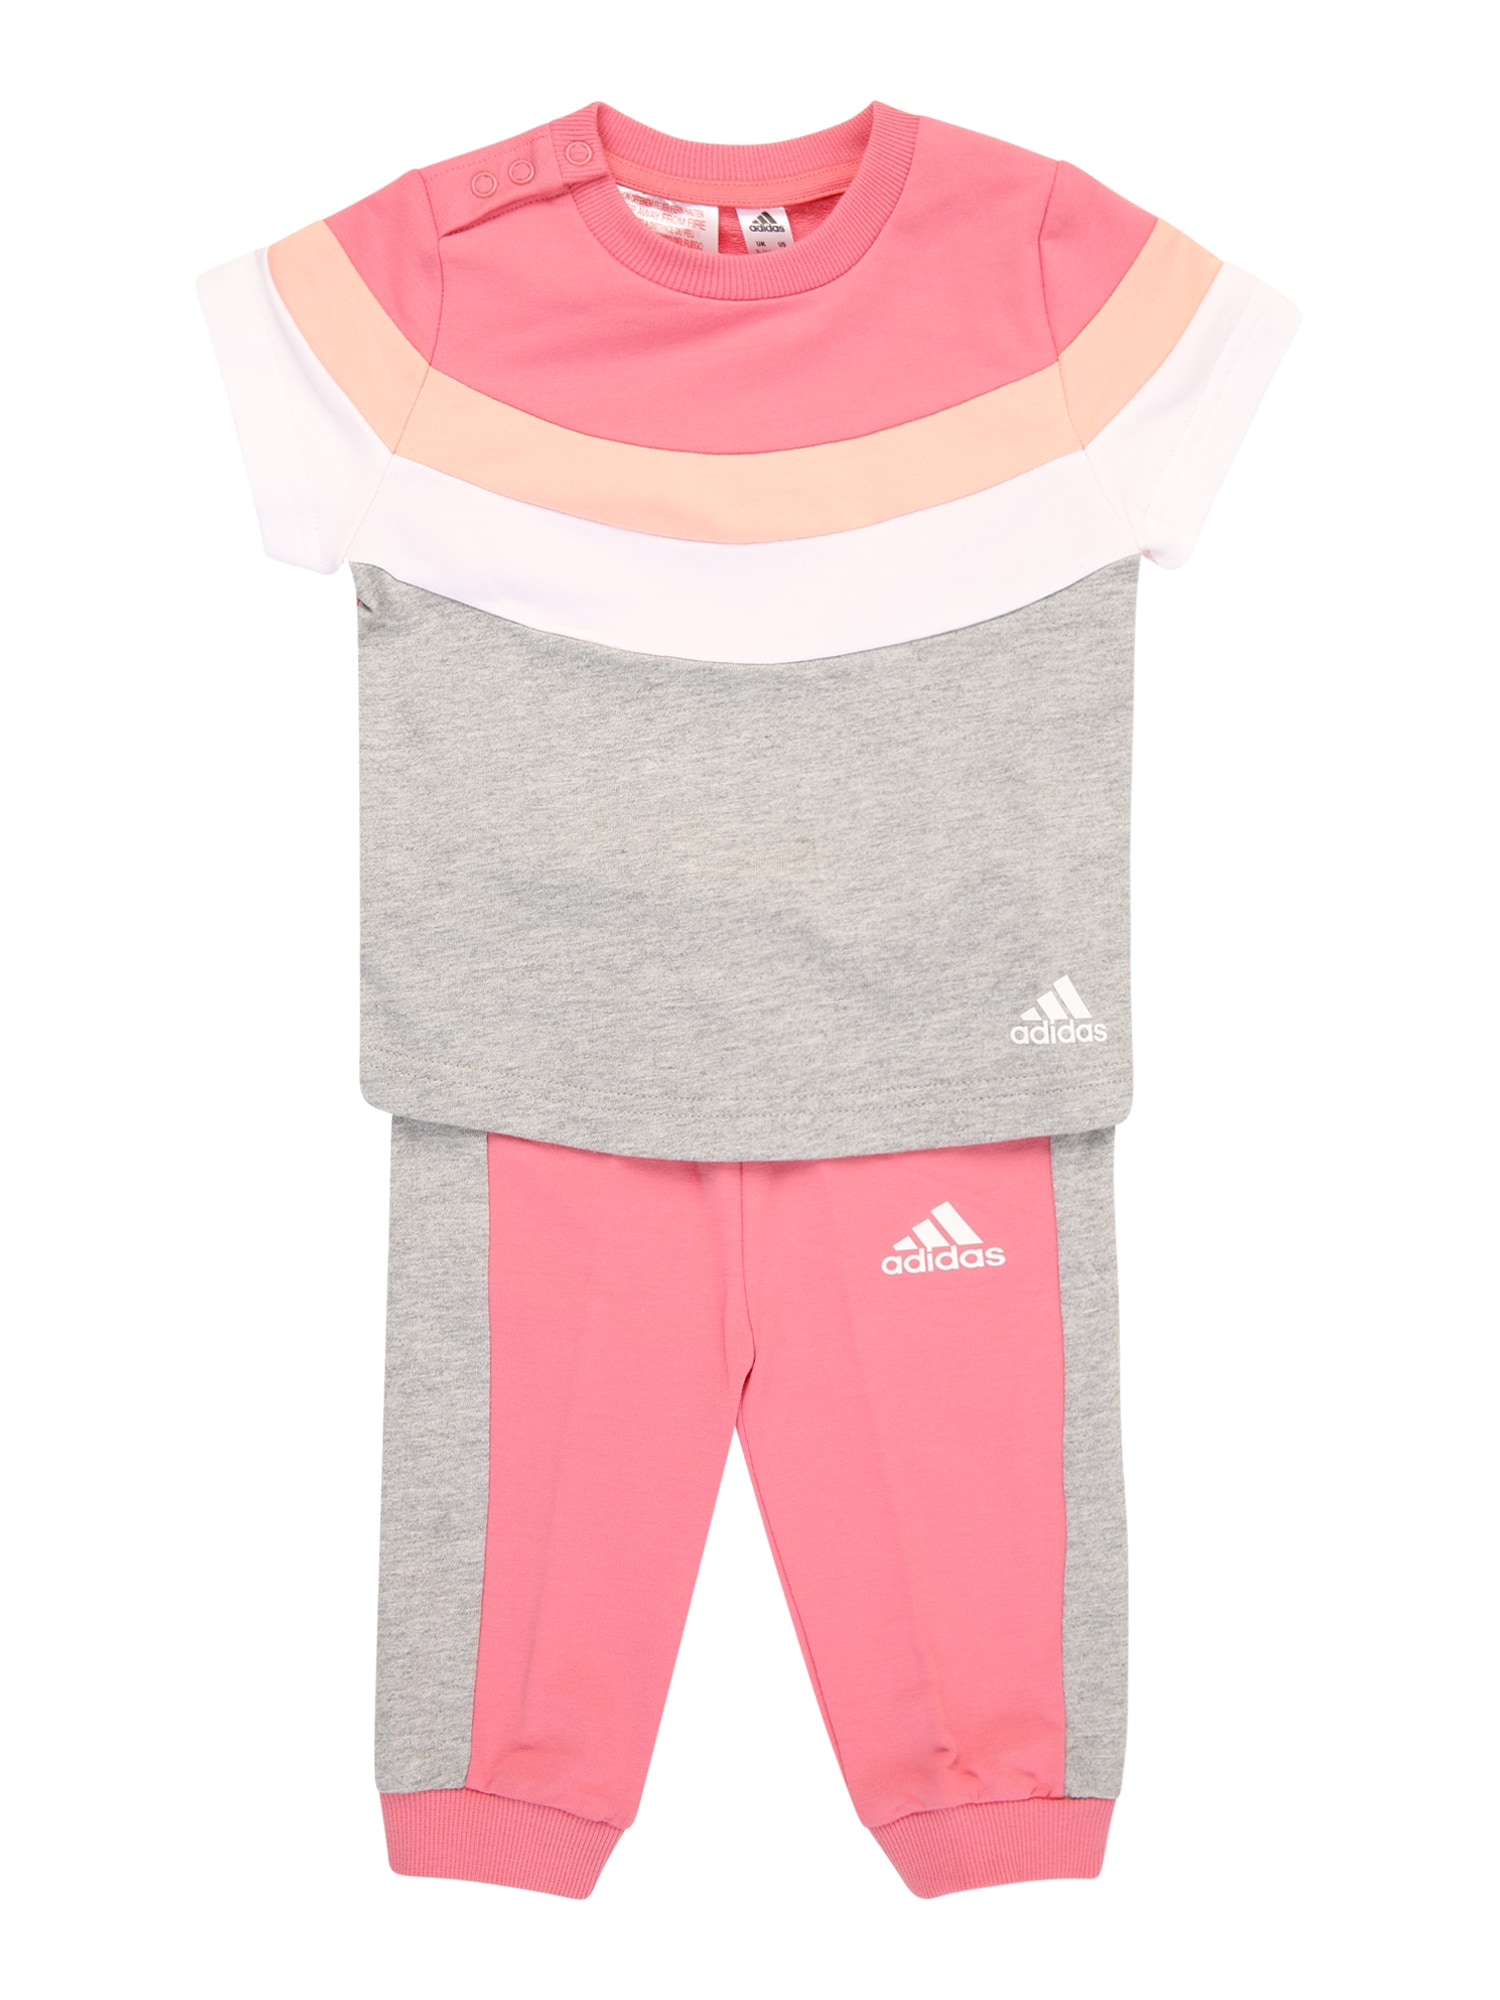 ADIDAS PERFORMANCE Treniruočių kostiumas margai pilka / ryškiai rožinė spalva / balta / persikų spalva